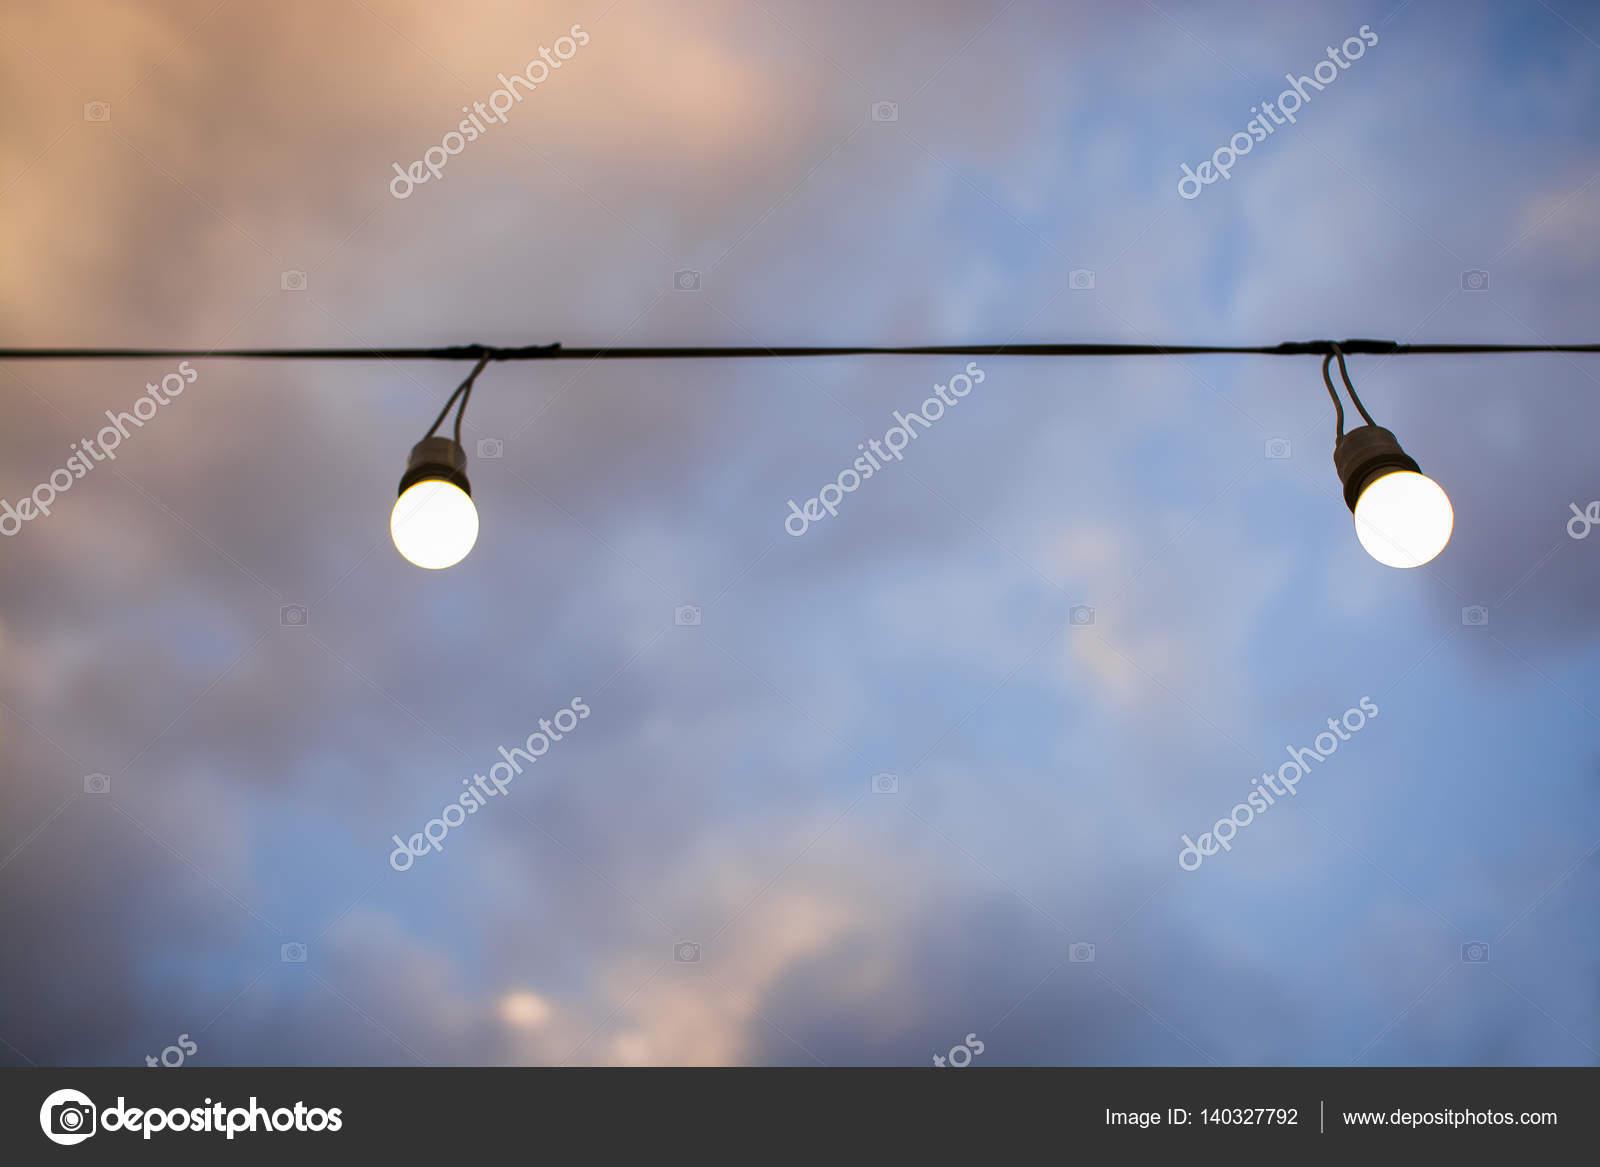 Lampade elettriche di illuminazione con lampade a luce elettrica con